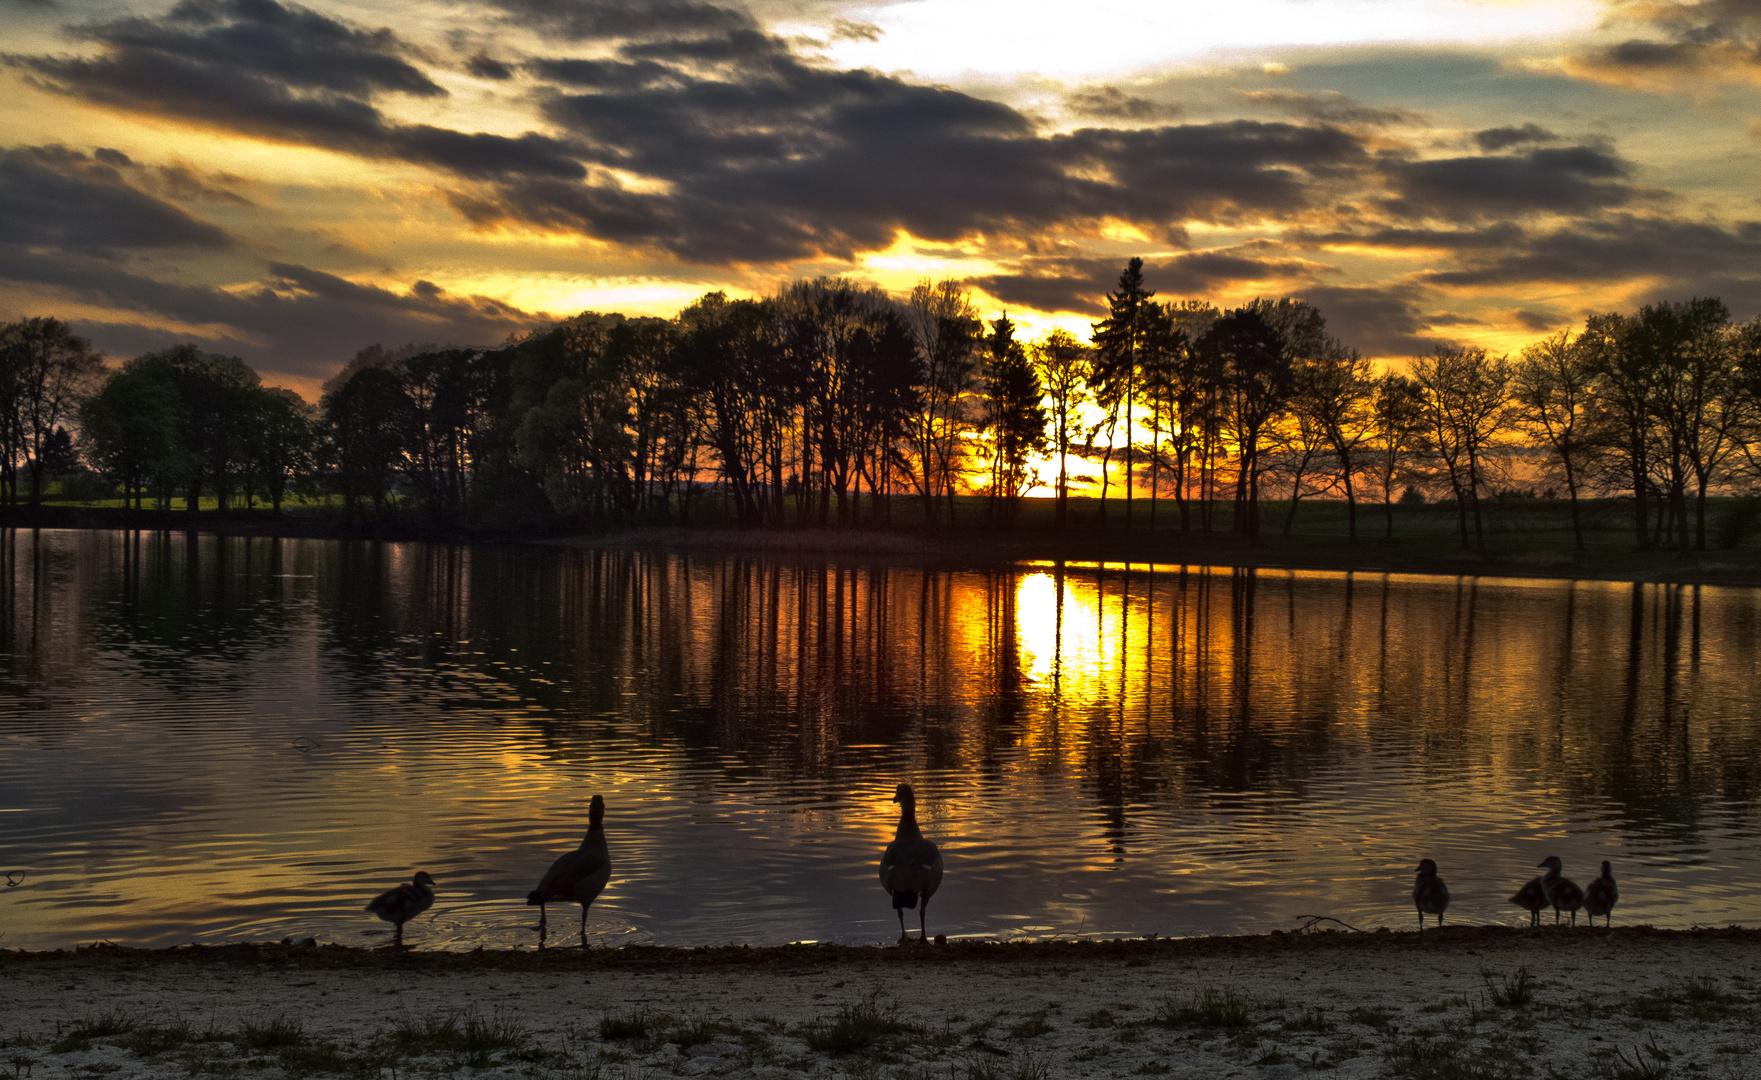 Nilgansfamilie schaut sich den Sonnenuntergang an...;-)